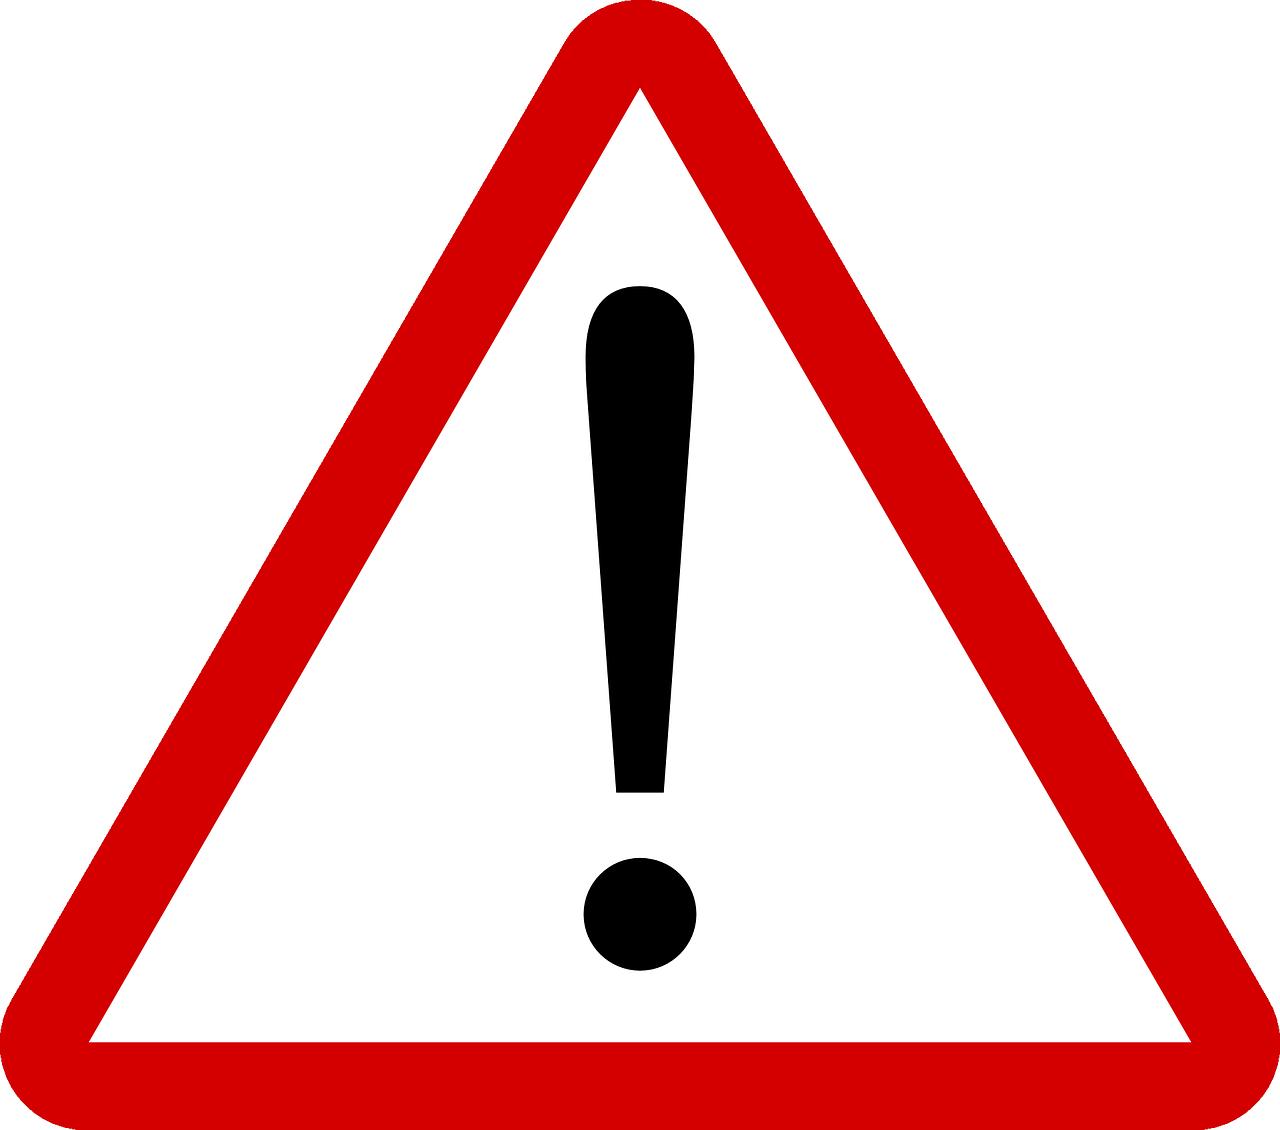 warning-146916 1280